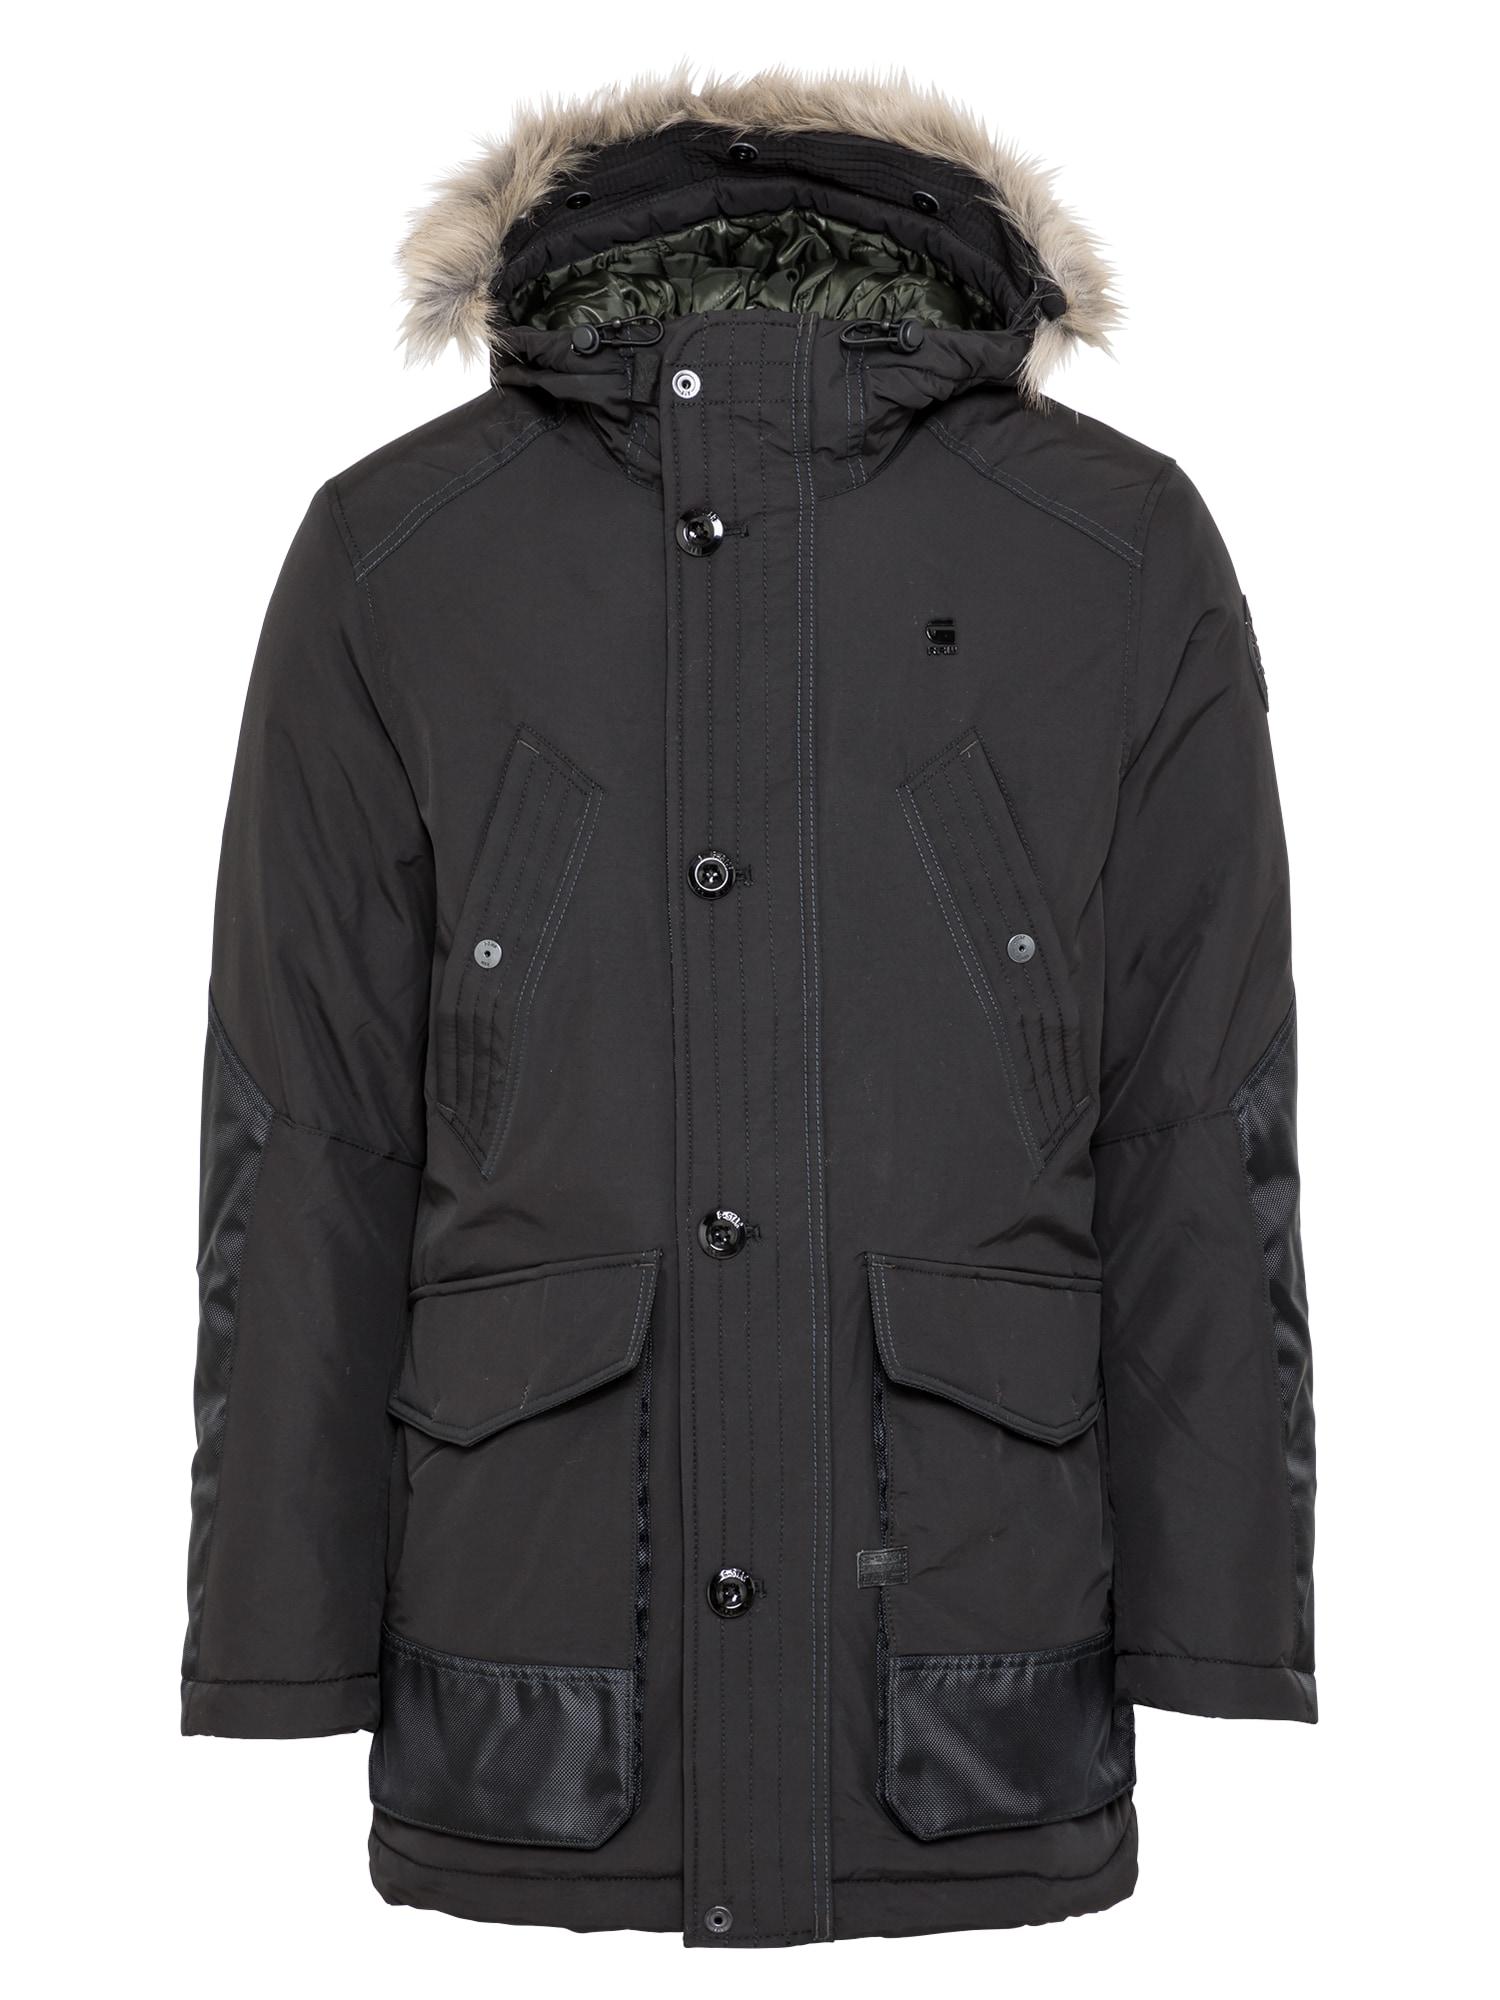 G-Star RAW Žieminė parka 'Vodan' juoda / glaisto spalva